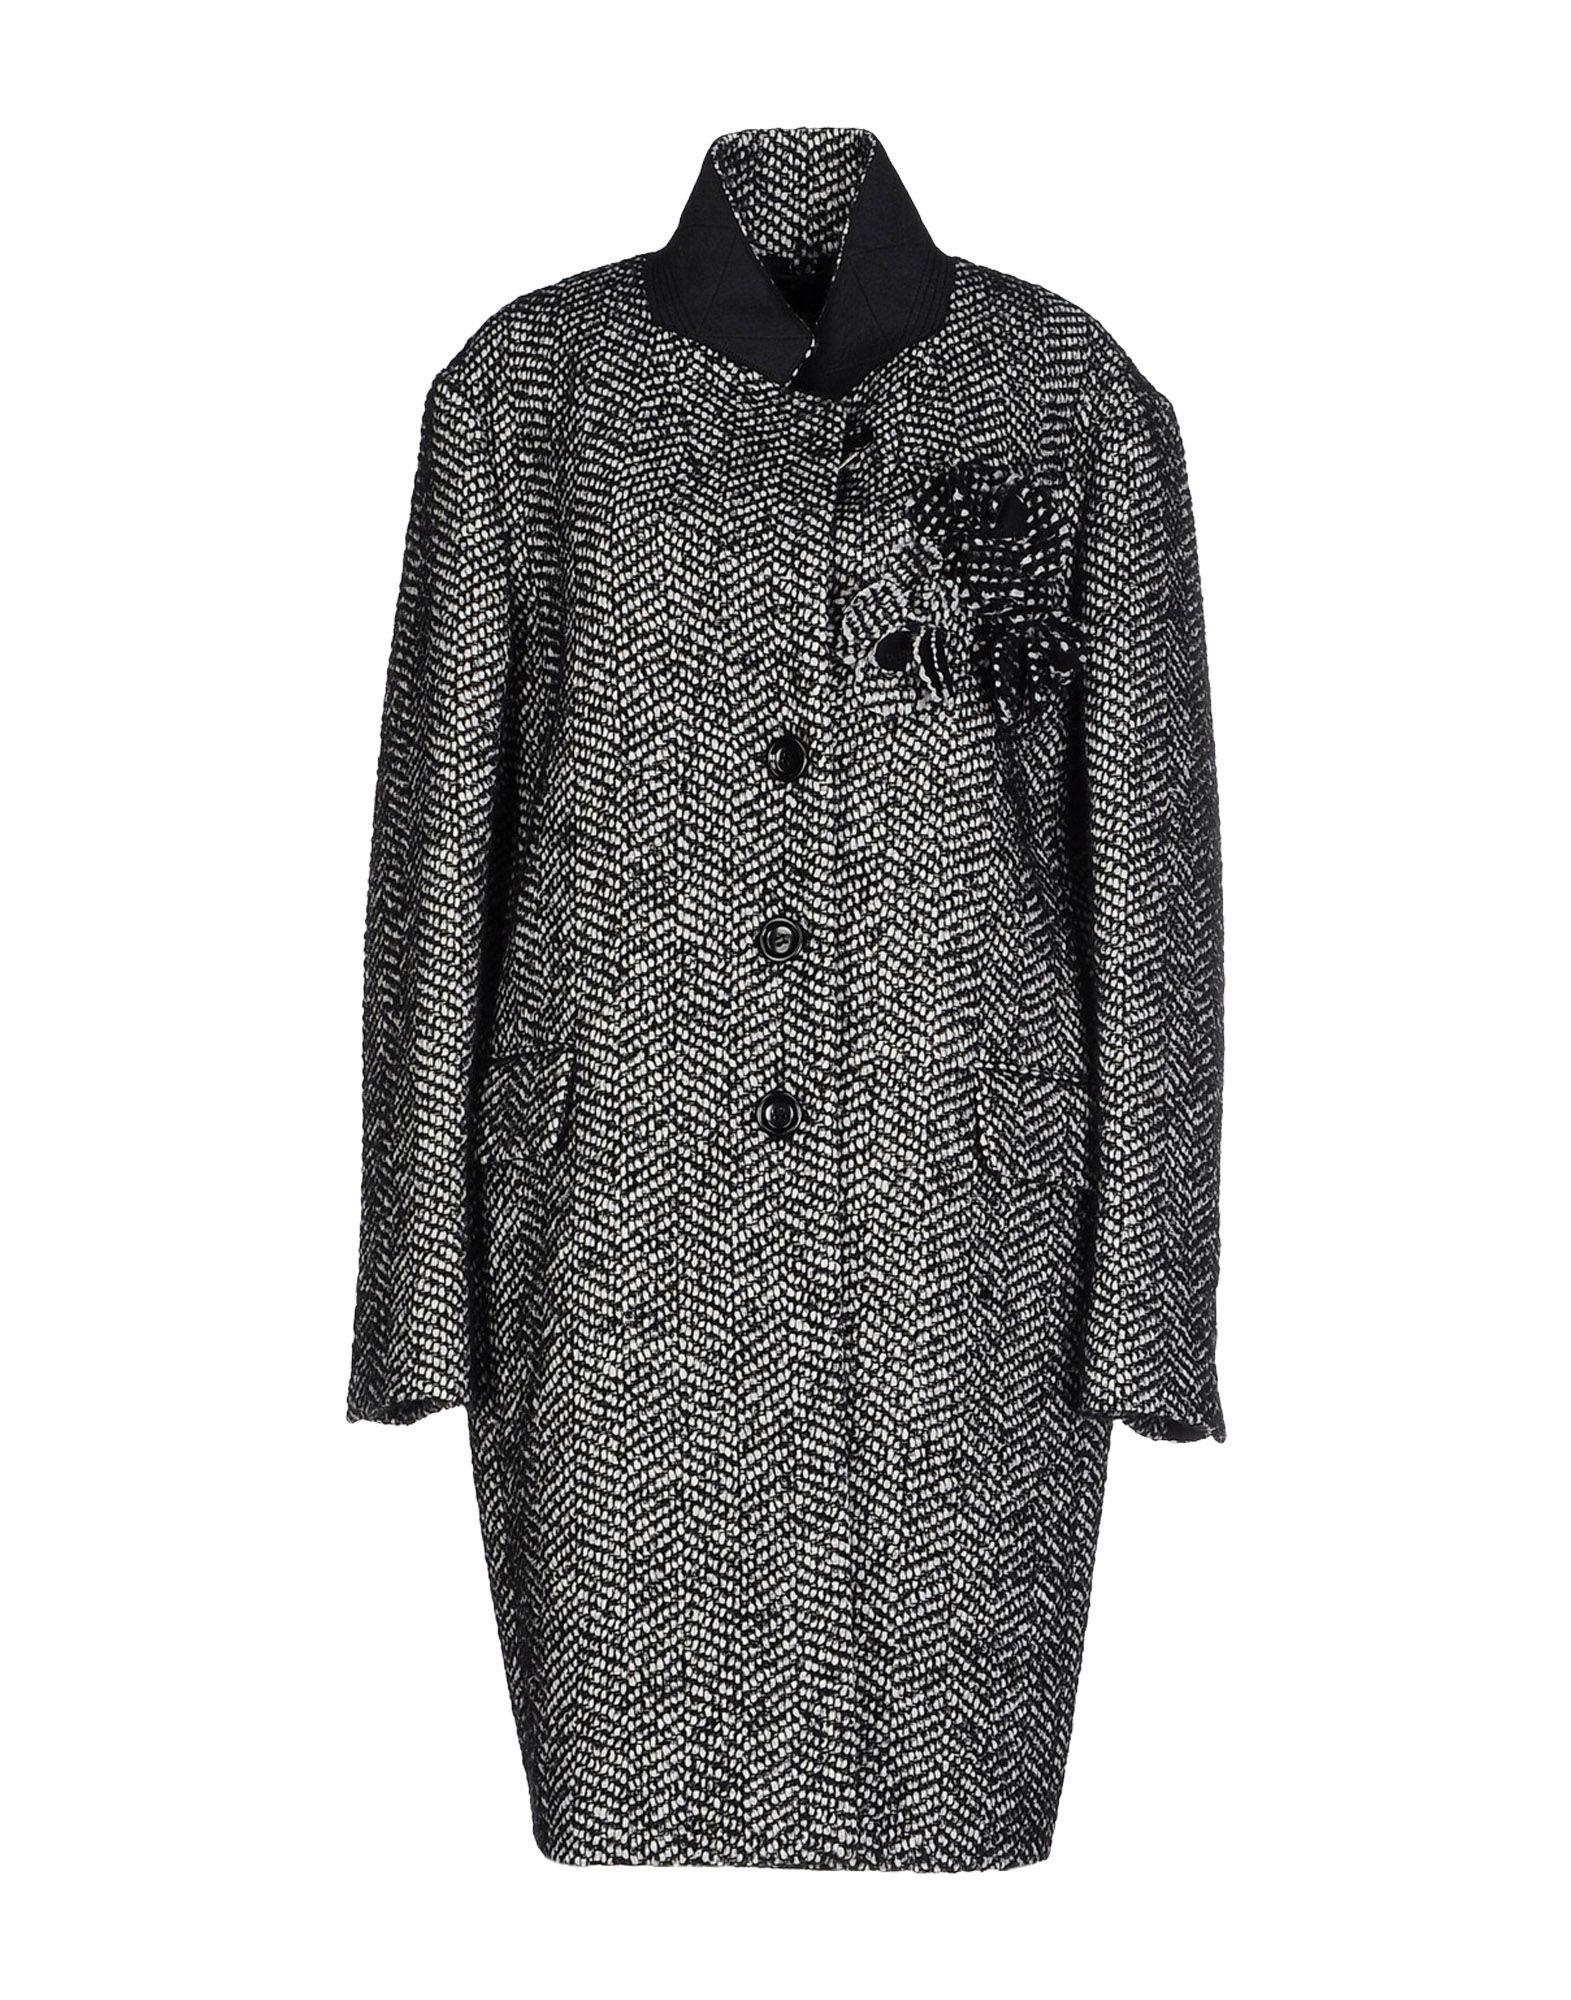 Вышивка на пальто эрмано шервино заказать